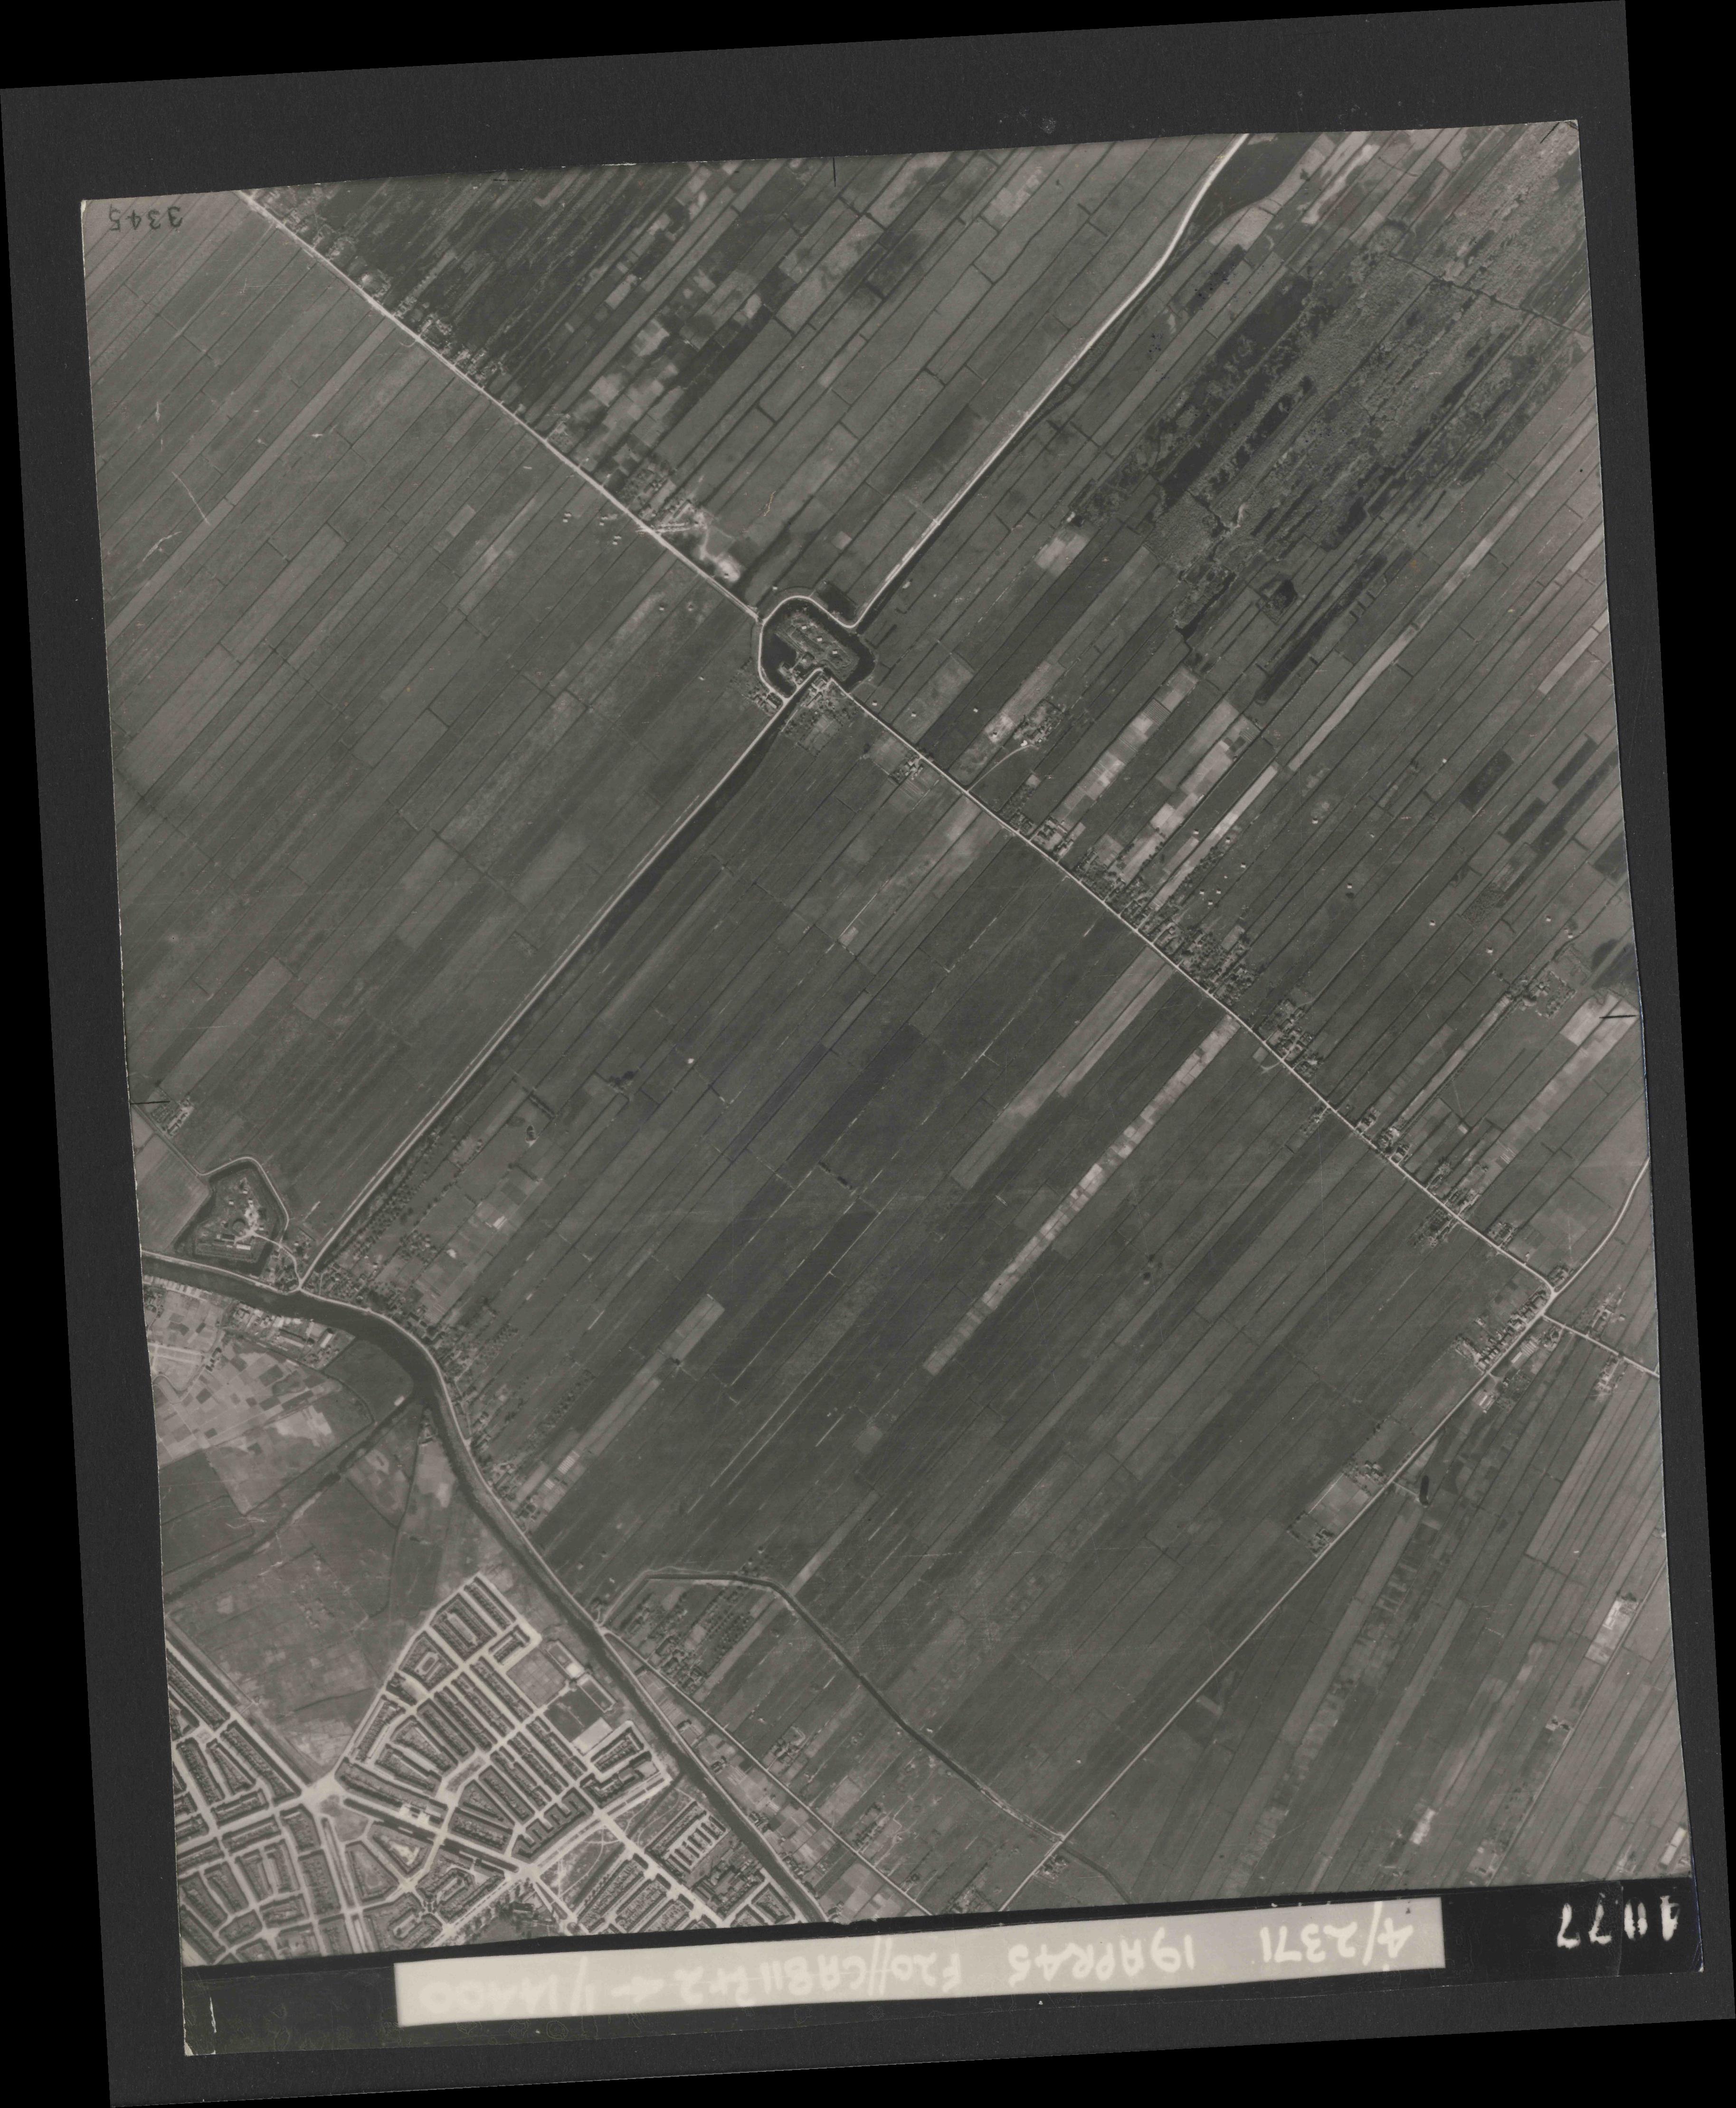 Collection RAF aerial photos 1940-1945 - flight 305, run 06, photo 4077